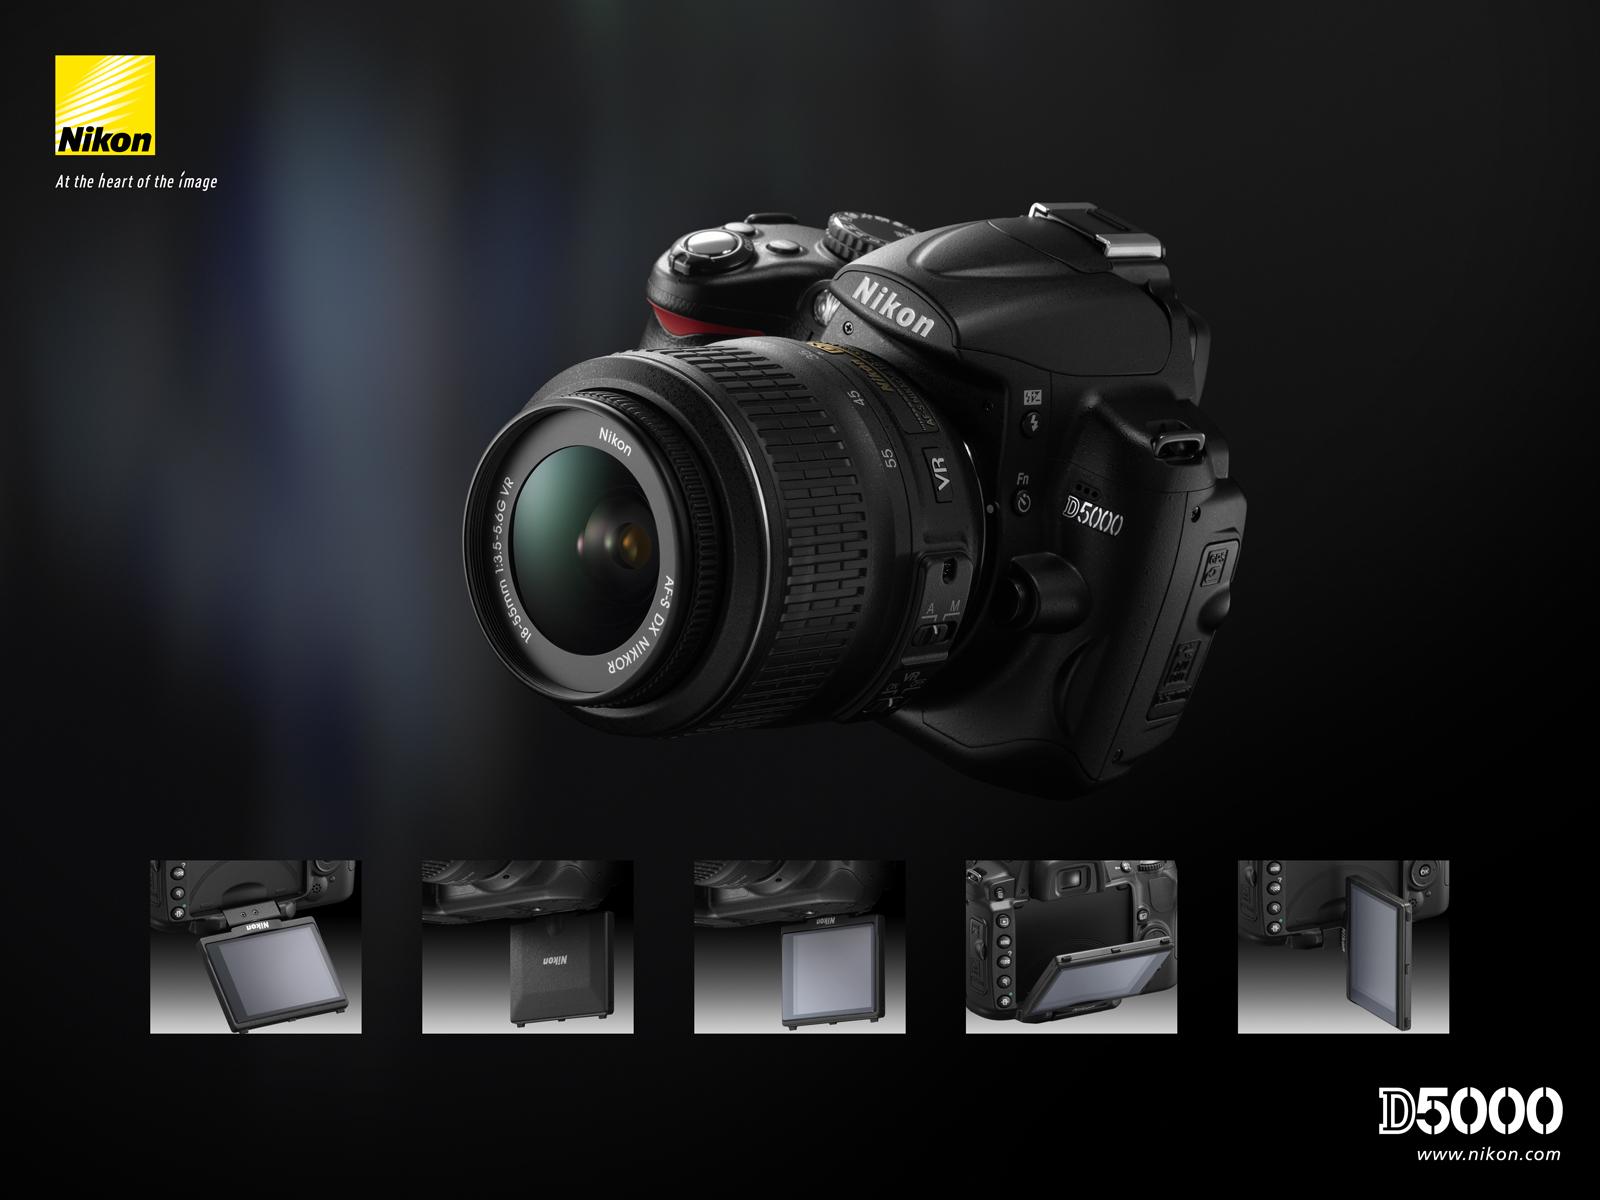 Nikon Pictures